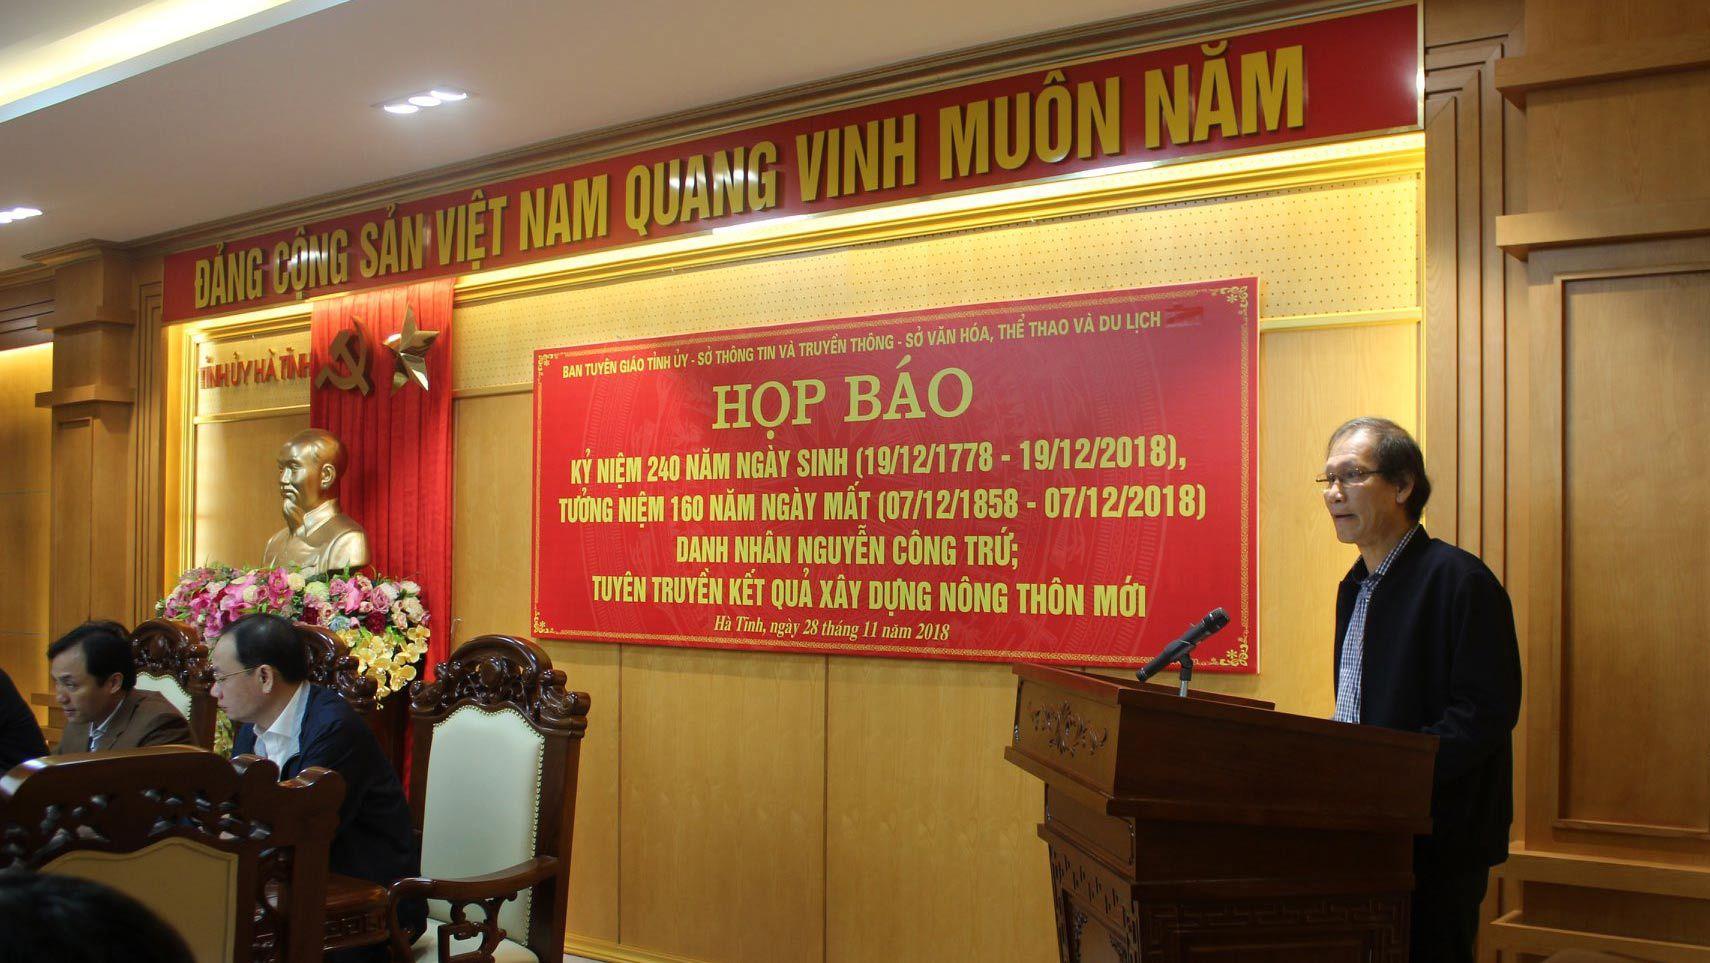 Uy viễn tướng công Nguyễn Công Trứ,danh nhân Nguyễn Công Trứ,Nông thôn mới,Hà Tĩnh